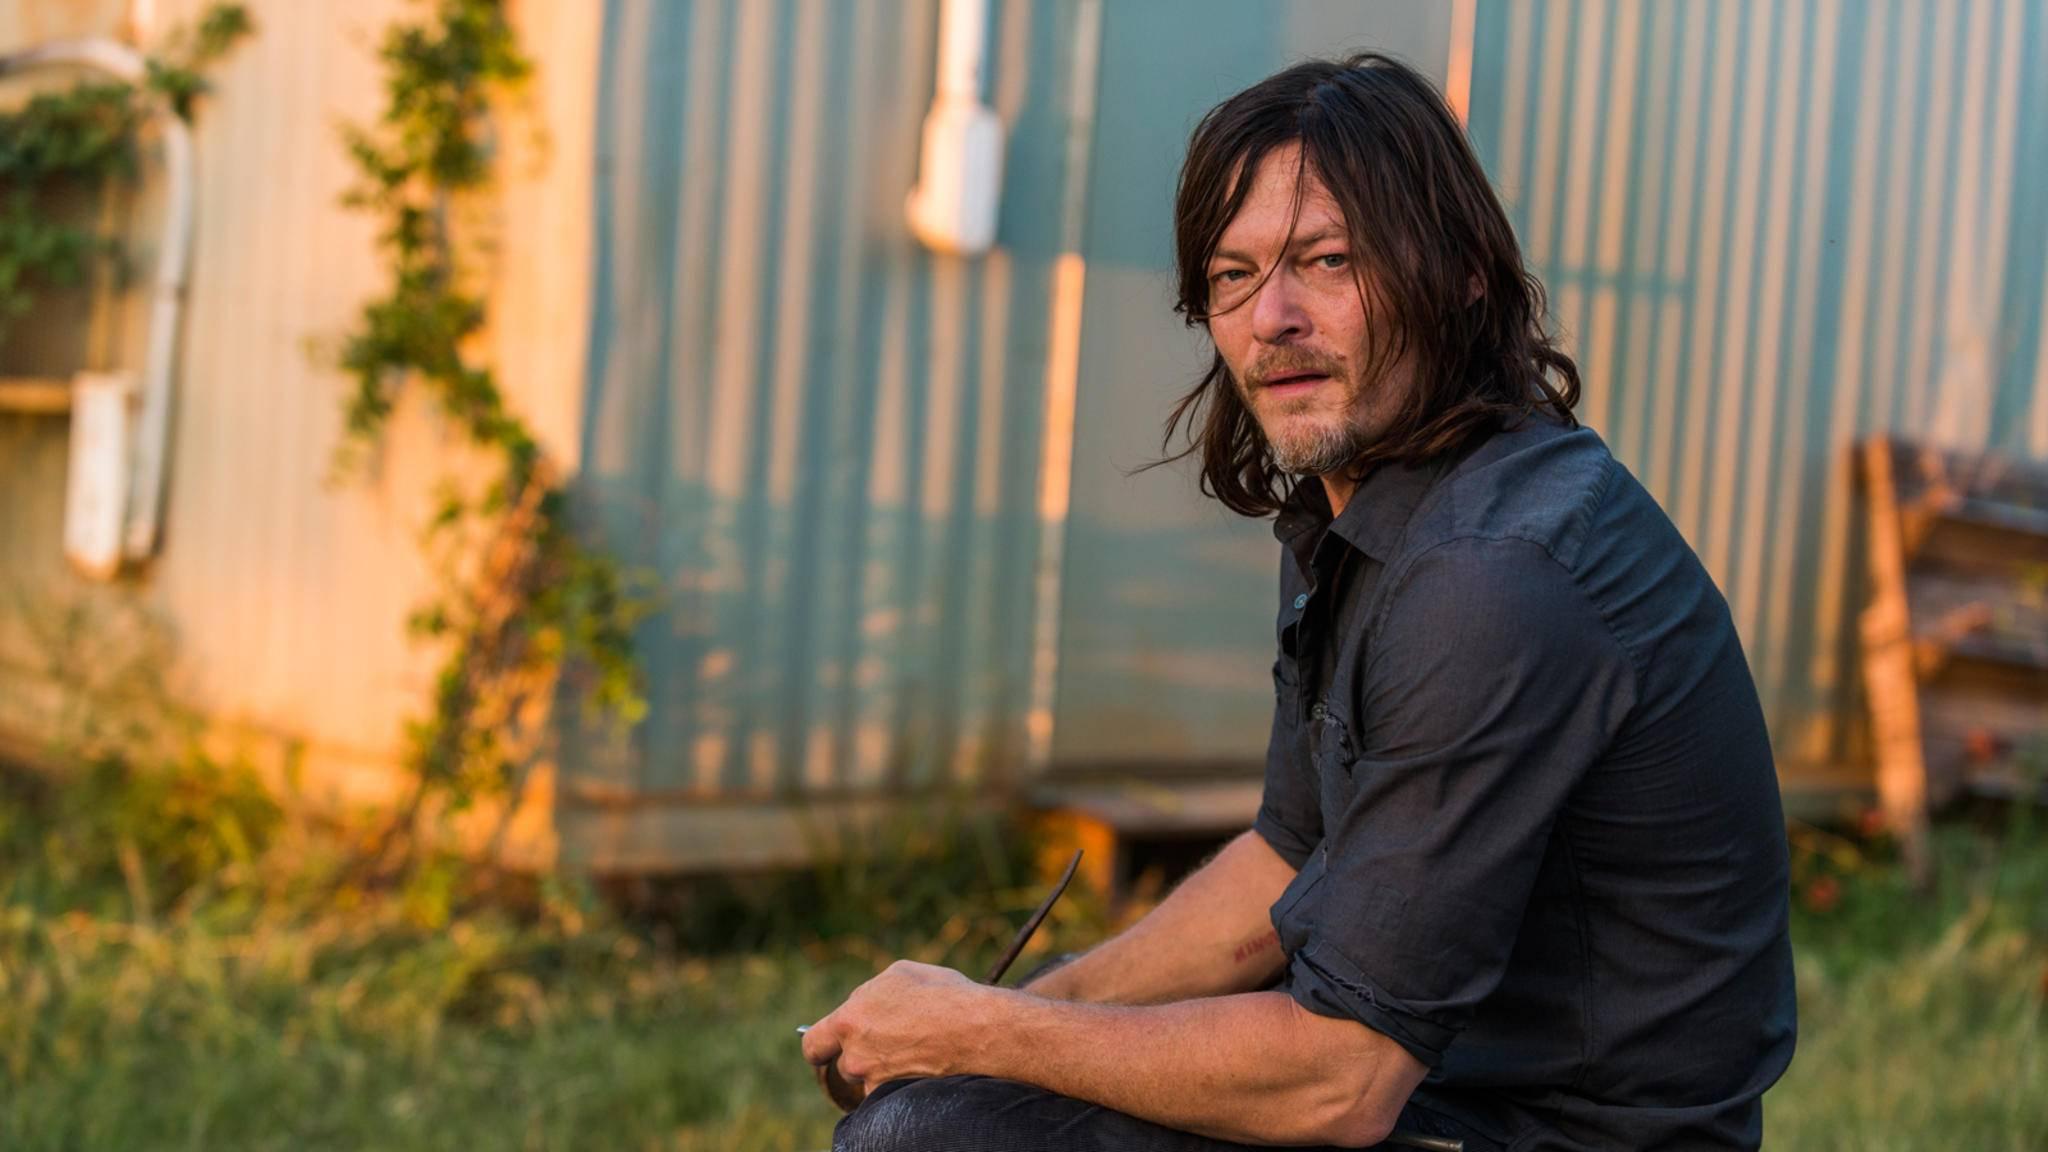 """Daryl Dixon ist einer der beliebtesten """"The Walking Dead""""-Charaktere. Grund genug einige unvergessliche Momente in Erinnerung zu rufen."""